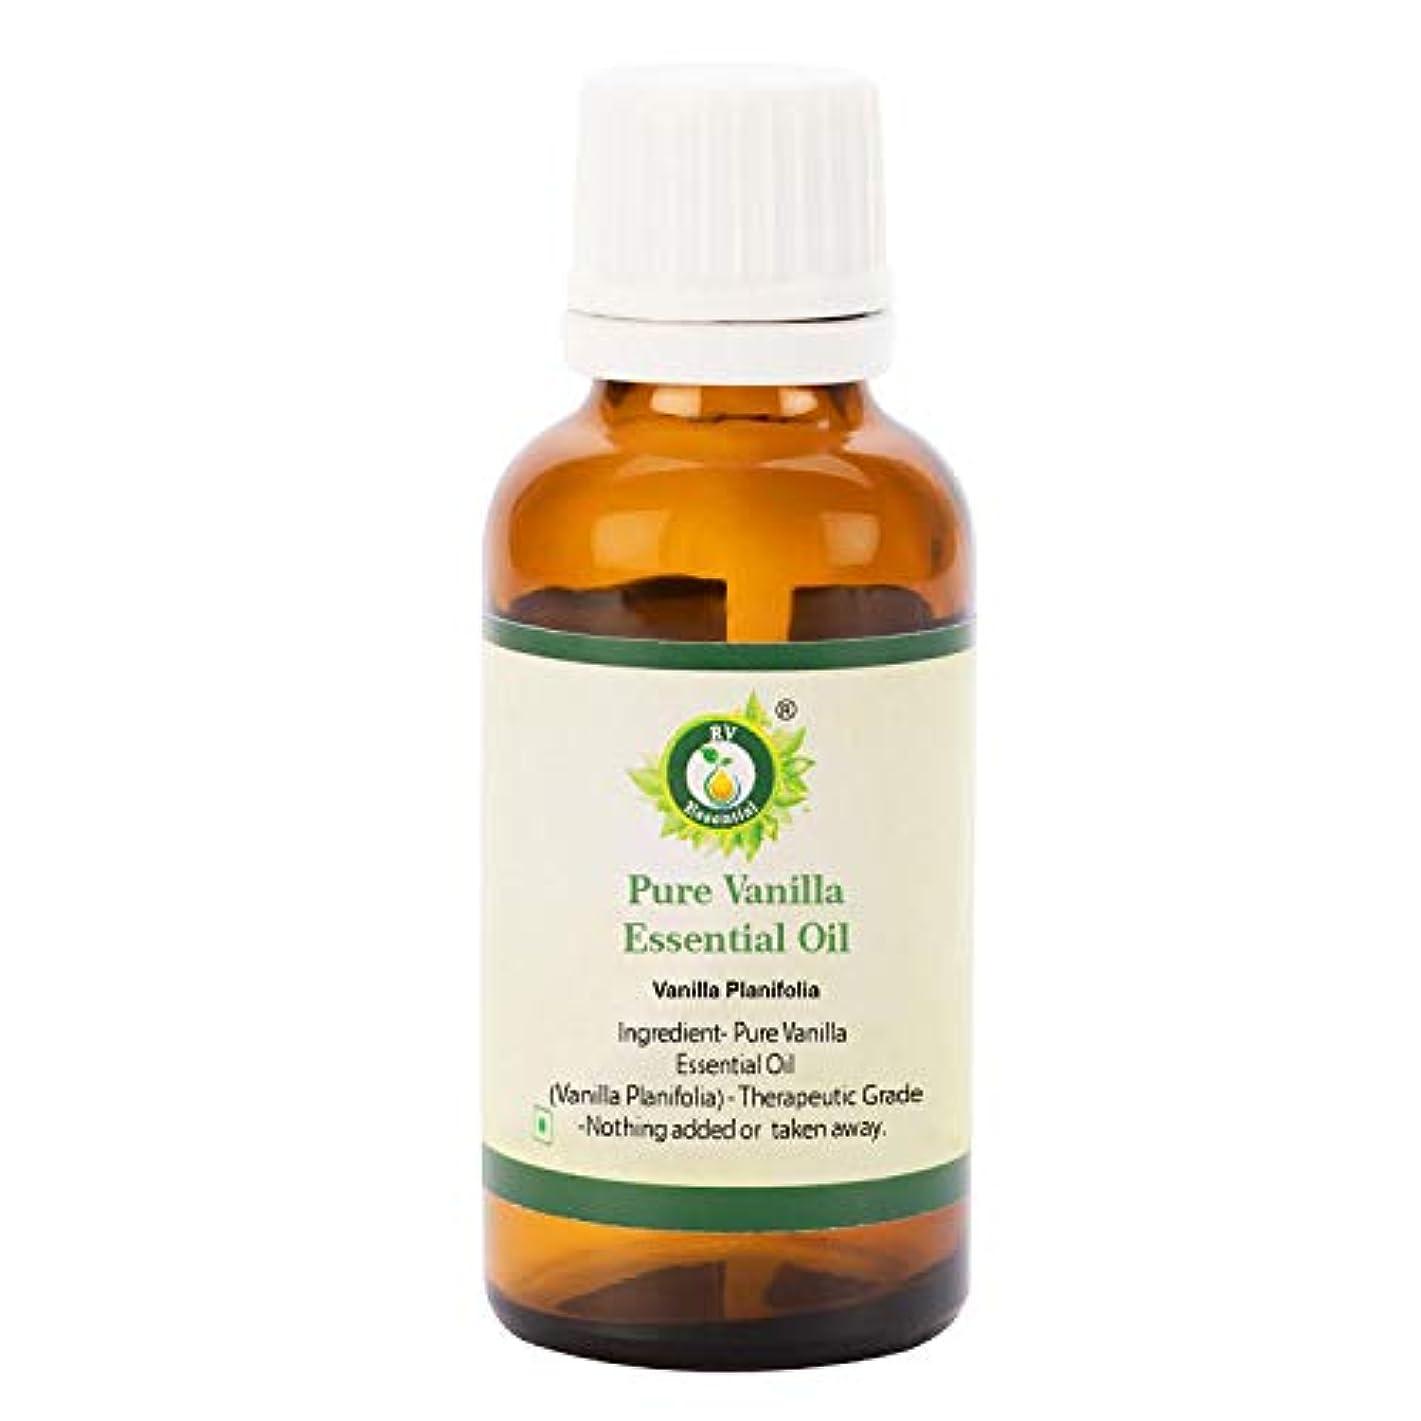 コンサルタントスチュワード側面R V Essential ピュアバニラエッセンシャルオイル50ml (1.69oz)- Vanilla Planifolia (100%純粋&天然) Pure Vanilla Essential Oil